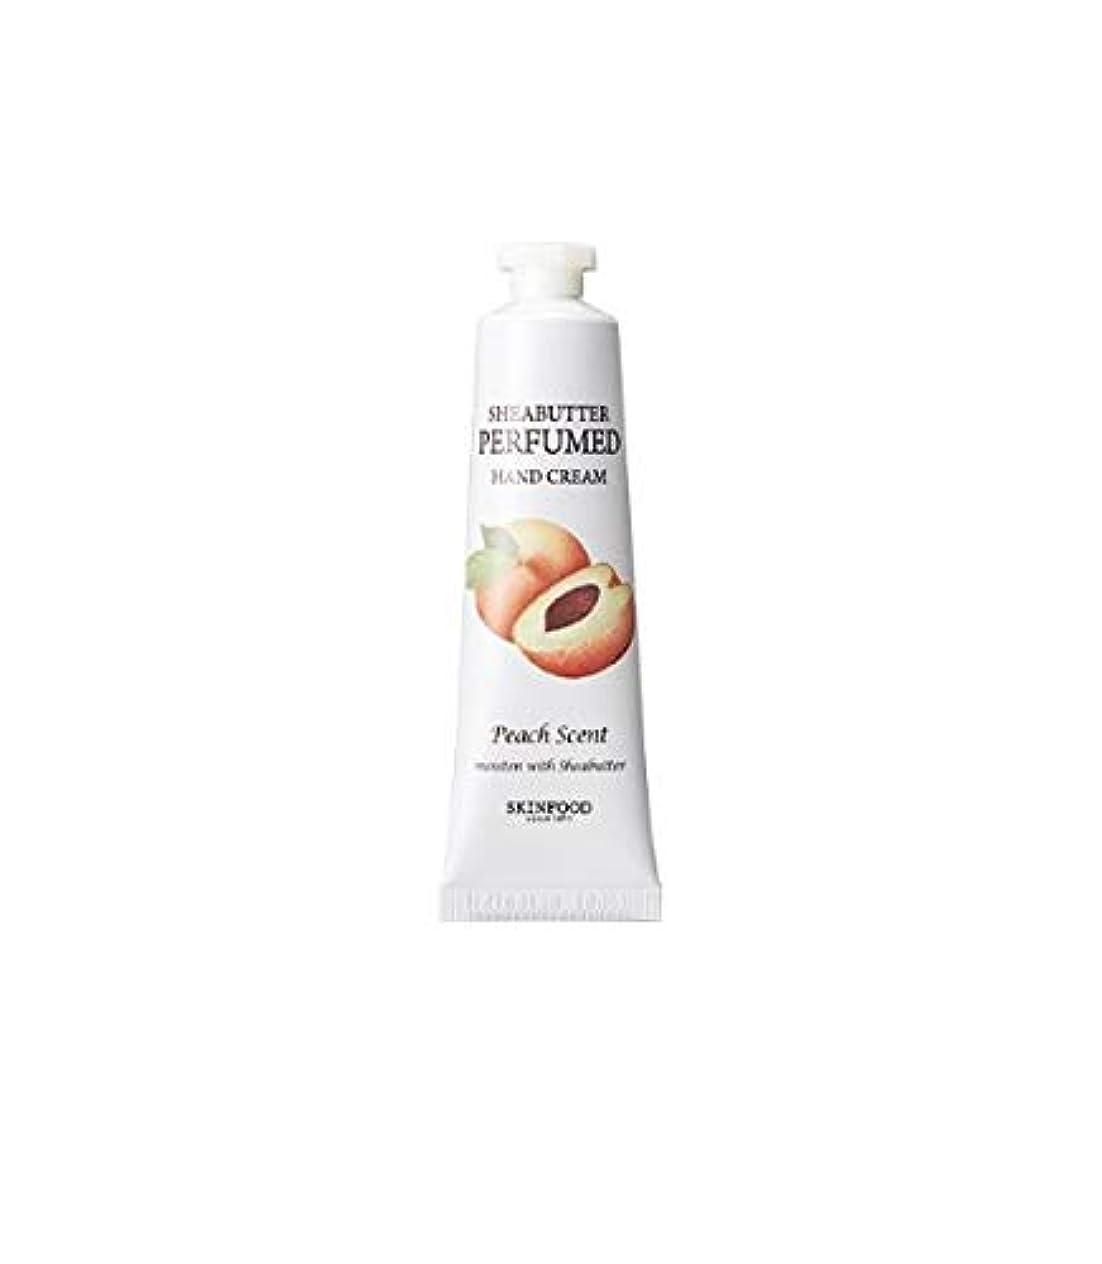 歩行者平らにするピースSkinfood シアバター香水ハンドクリーム#ピッチ/Shea Butter Perfumed Hand Cream #Pitch 30ml [並行輸入品]